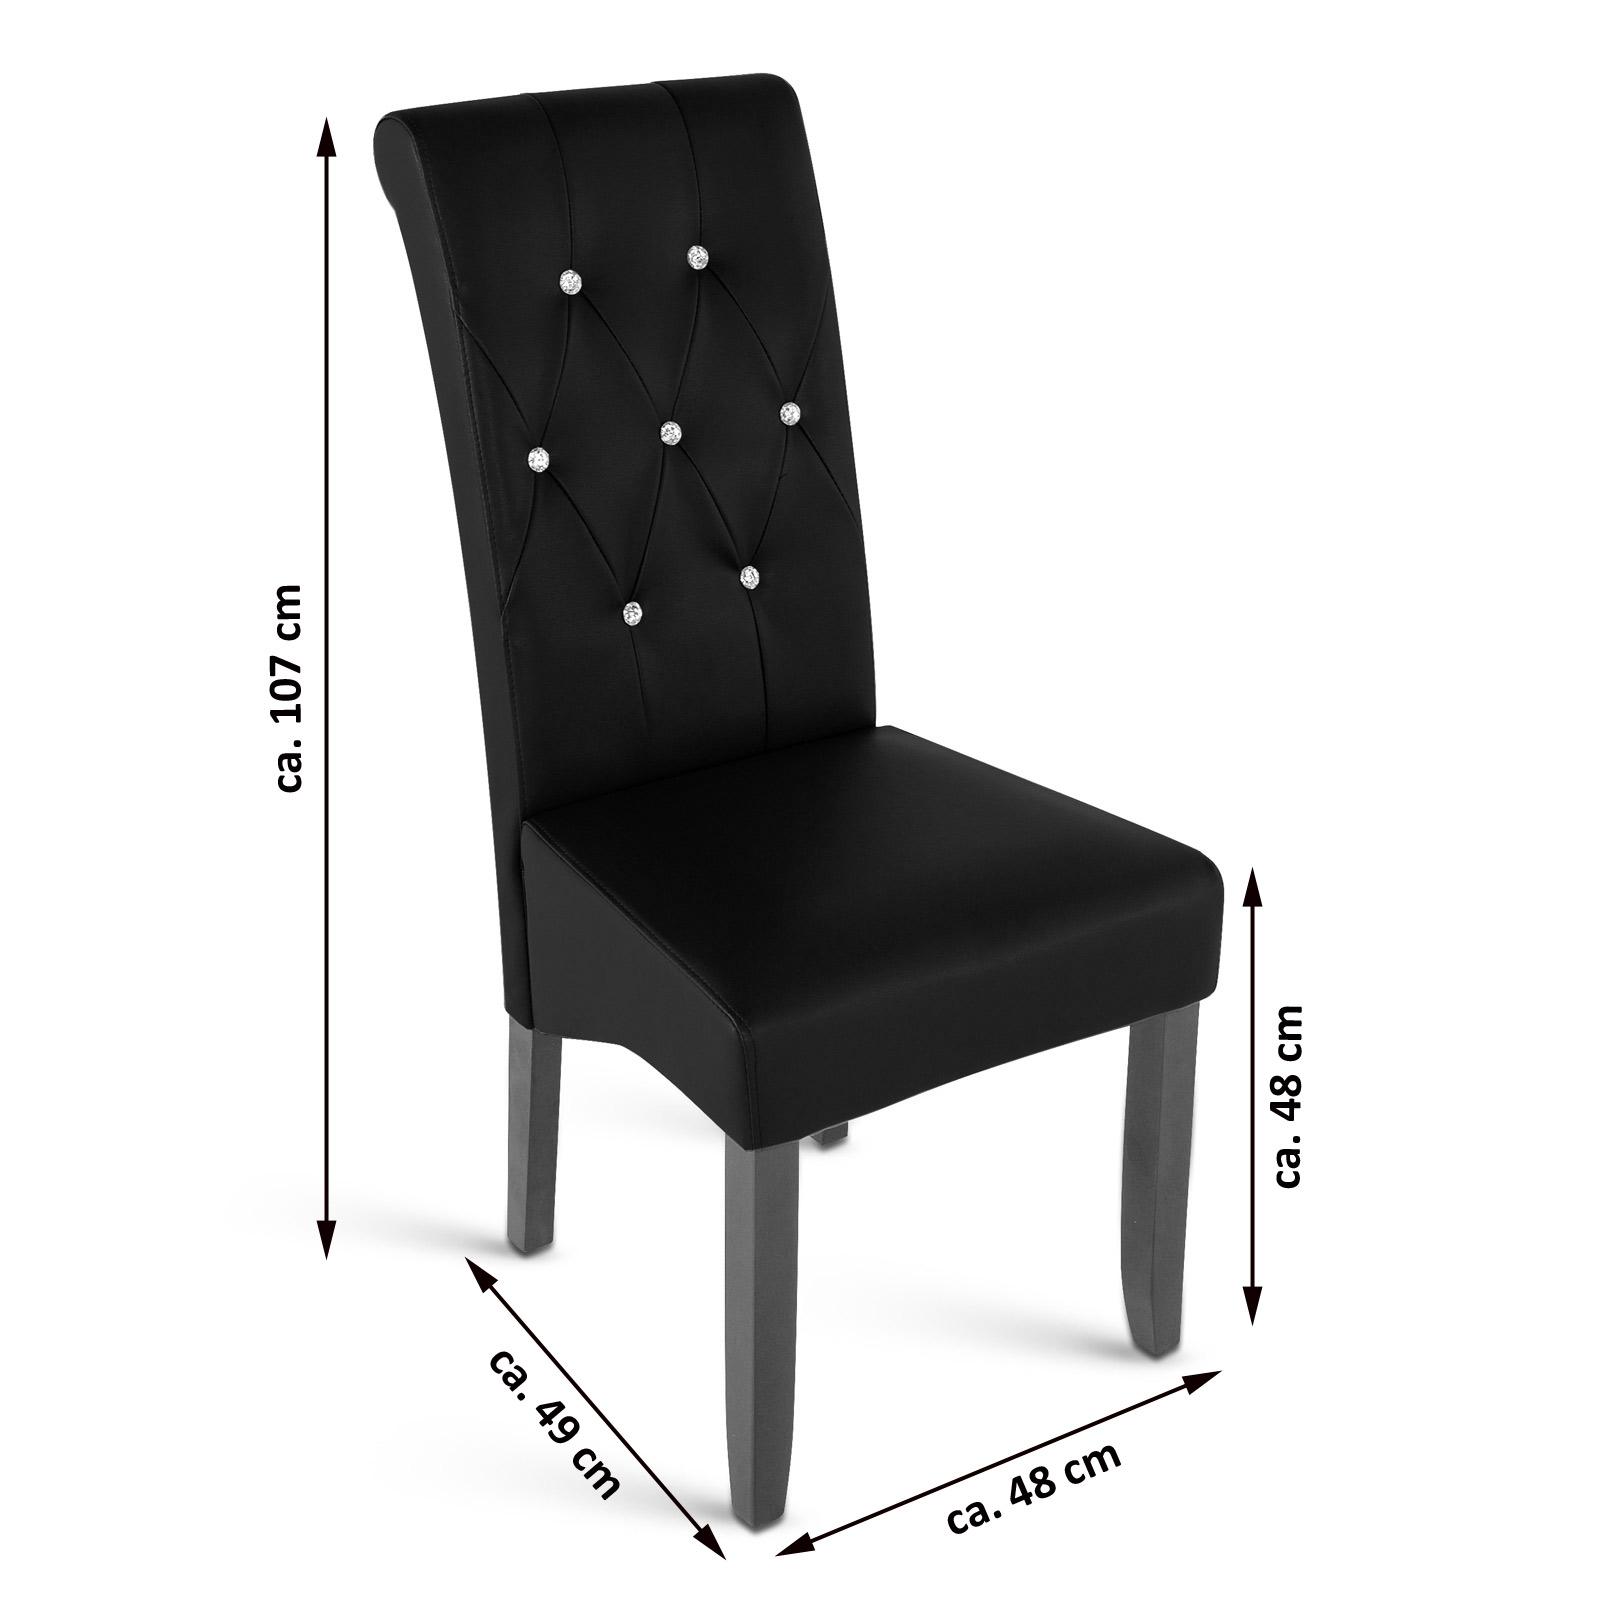 sam esszimmerstuhl stuhl schwarz recyceltes leder nadja. Black Bedroom Furniture Sets. Home Design Ideas